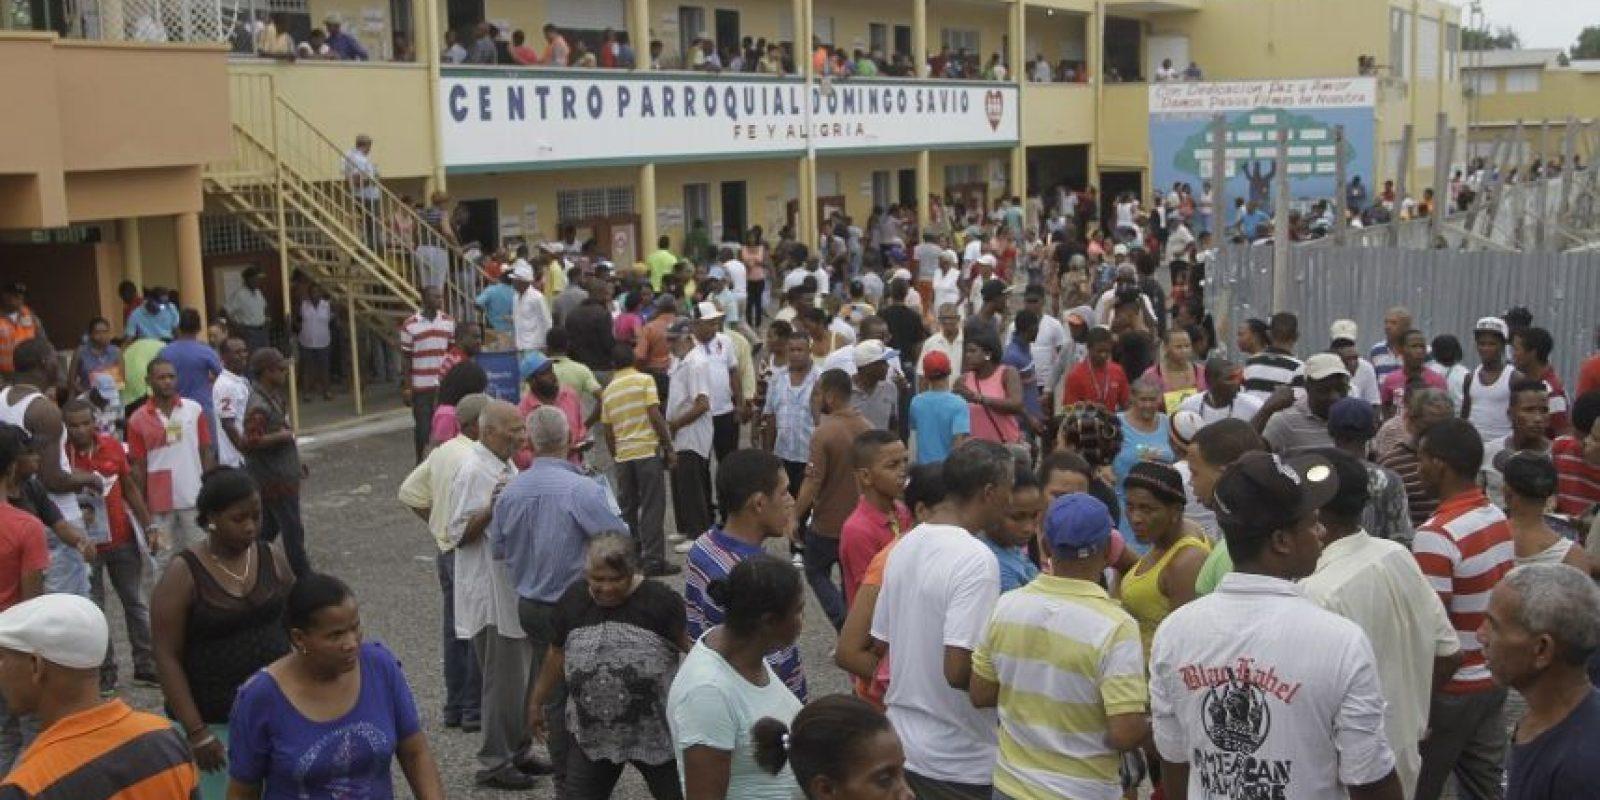 Según Participación Ciudadana, las anomalías en el escrutinio de los votos alcanzaron el 62.4 % de los colegios, entre las que se destacan falta de capacidad en elmanejo de la unidad de conteo de votos en un 16.1 %. / Foto:ROBERTO GUZMÁN